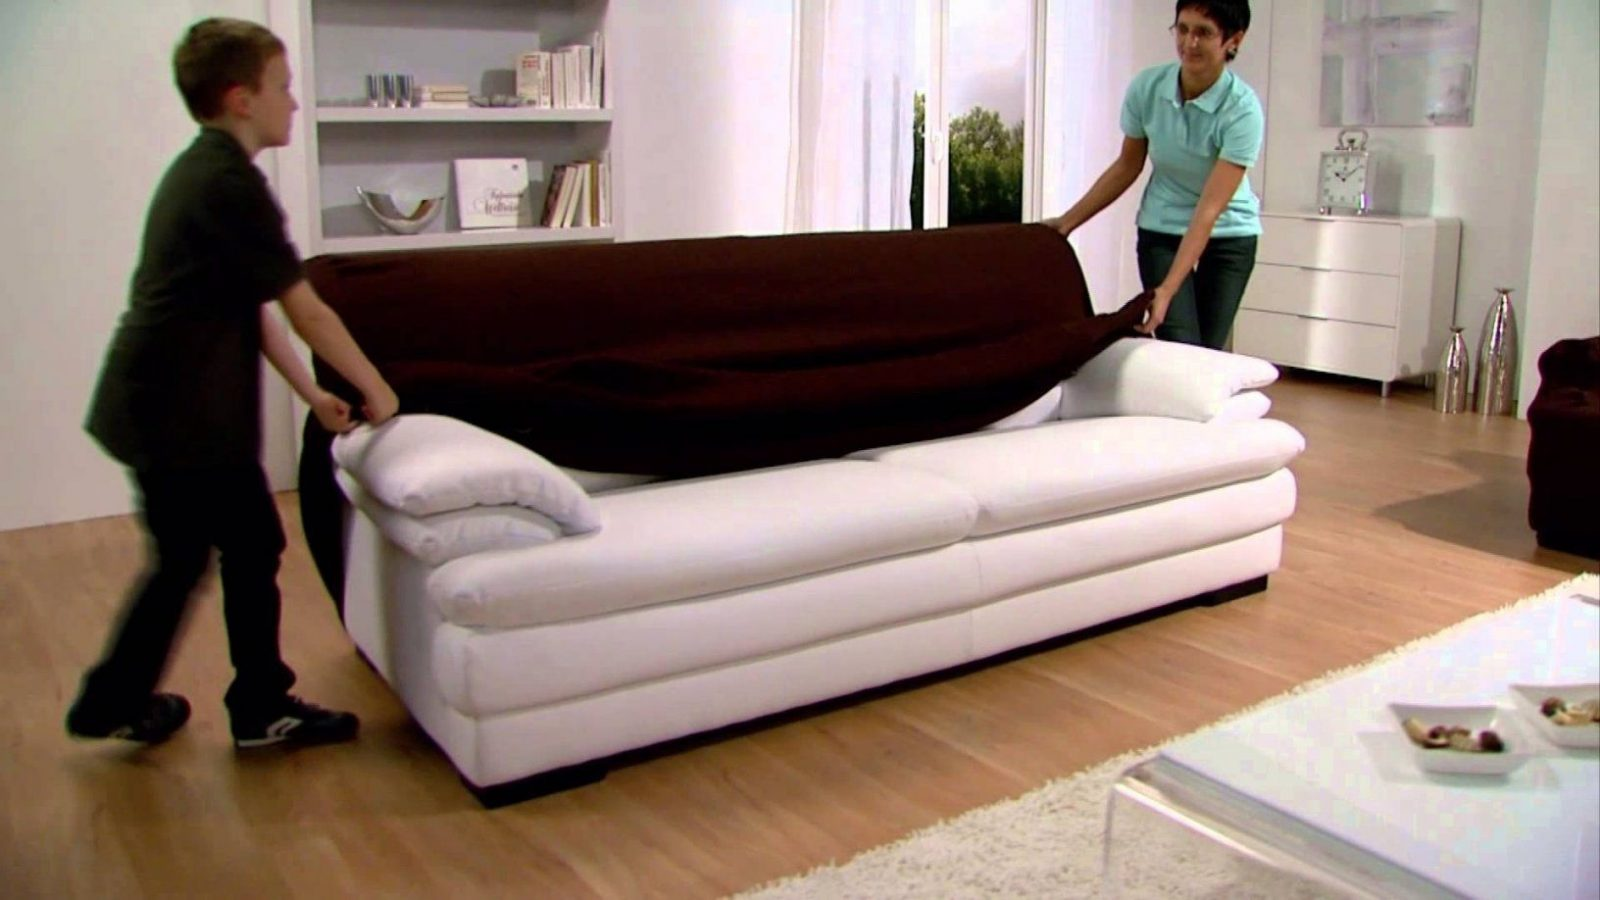 Sofa Lieblich Couch Hussen Dänisches Bettenlager Ideen von Couch Hussen Dänisches Bettenlager Bild